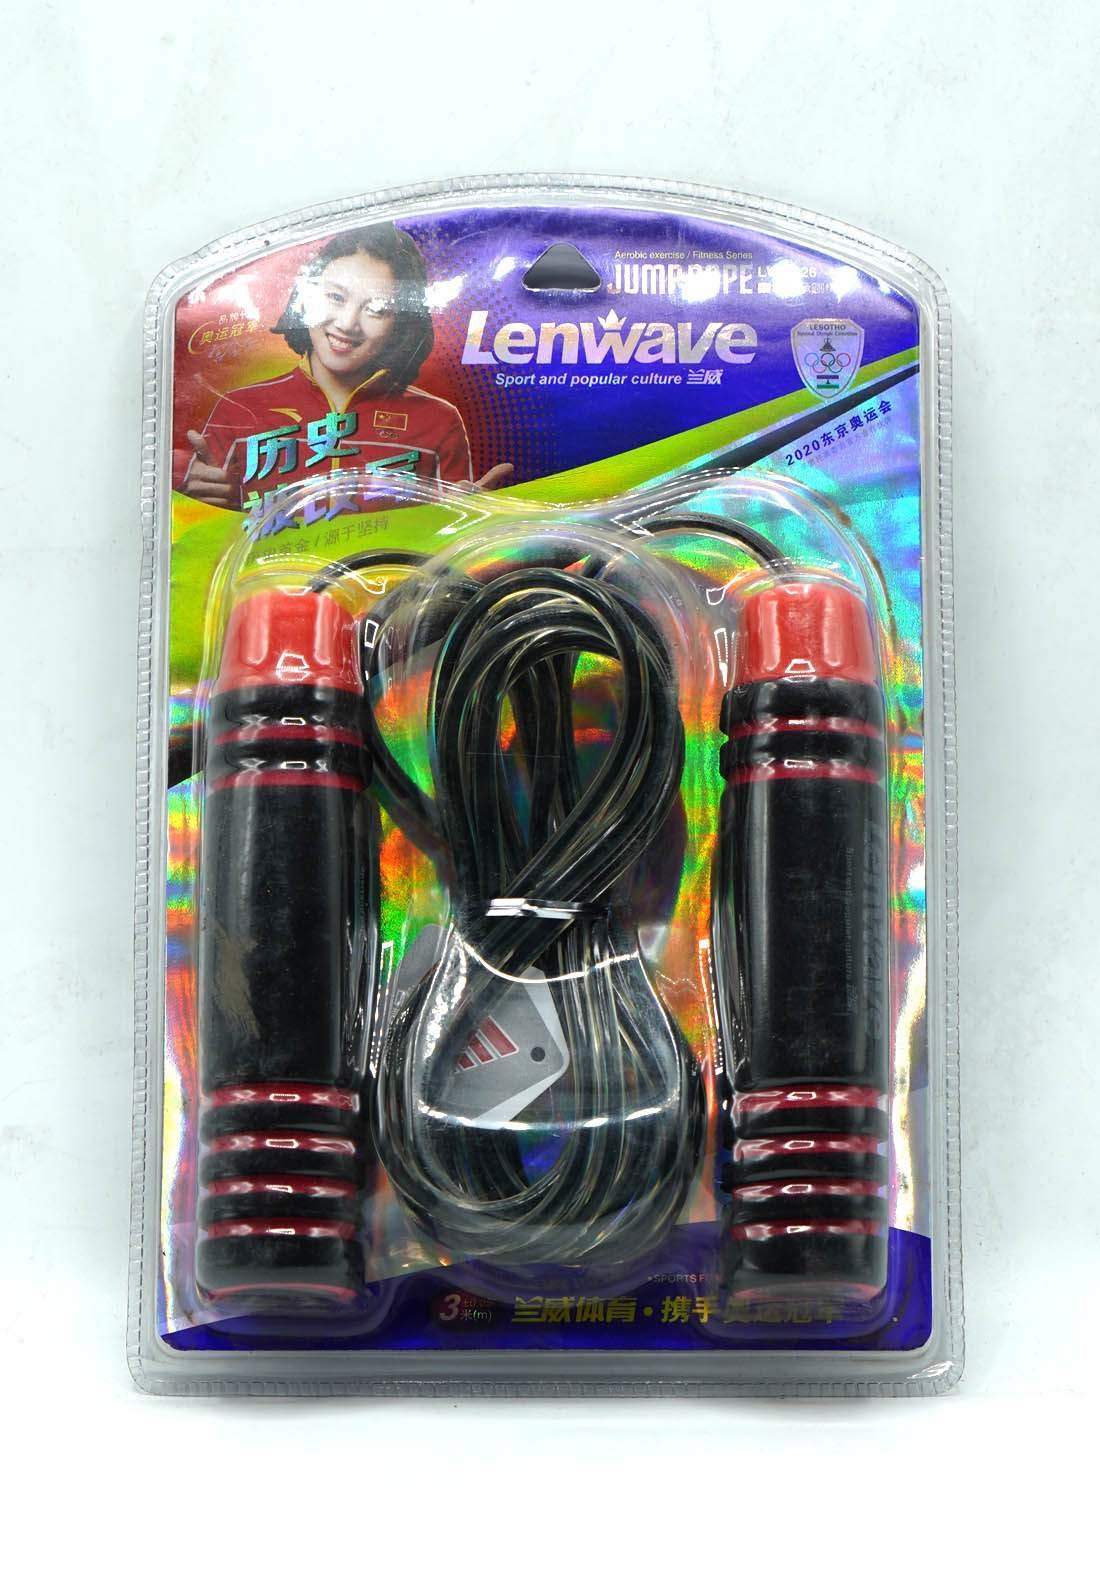 Lenwave LW-0826 J ump Rupe حبل قفز